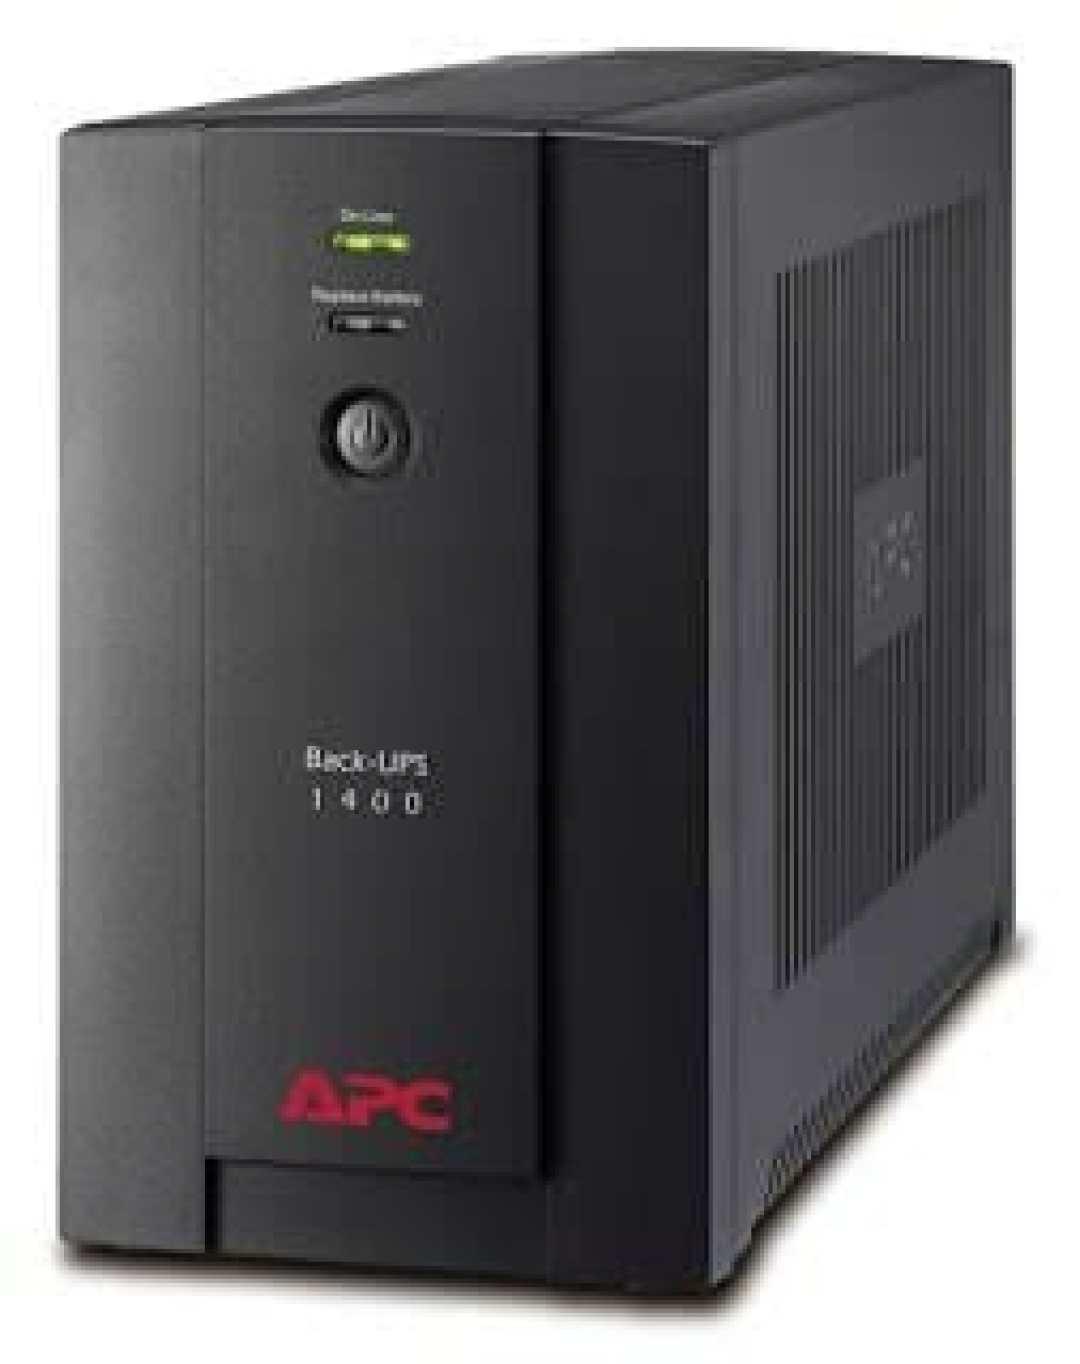 - APC 2 - ฟุตบอลฟีเวอร์อุ่นใจ ด้วยเครื่องสำรองไฟ APC ในเครือชไนเดอร์ อิเล็คทริค